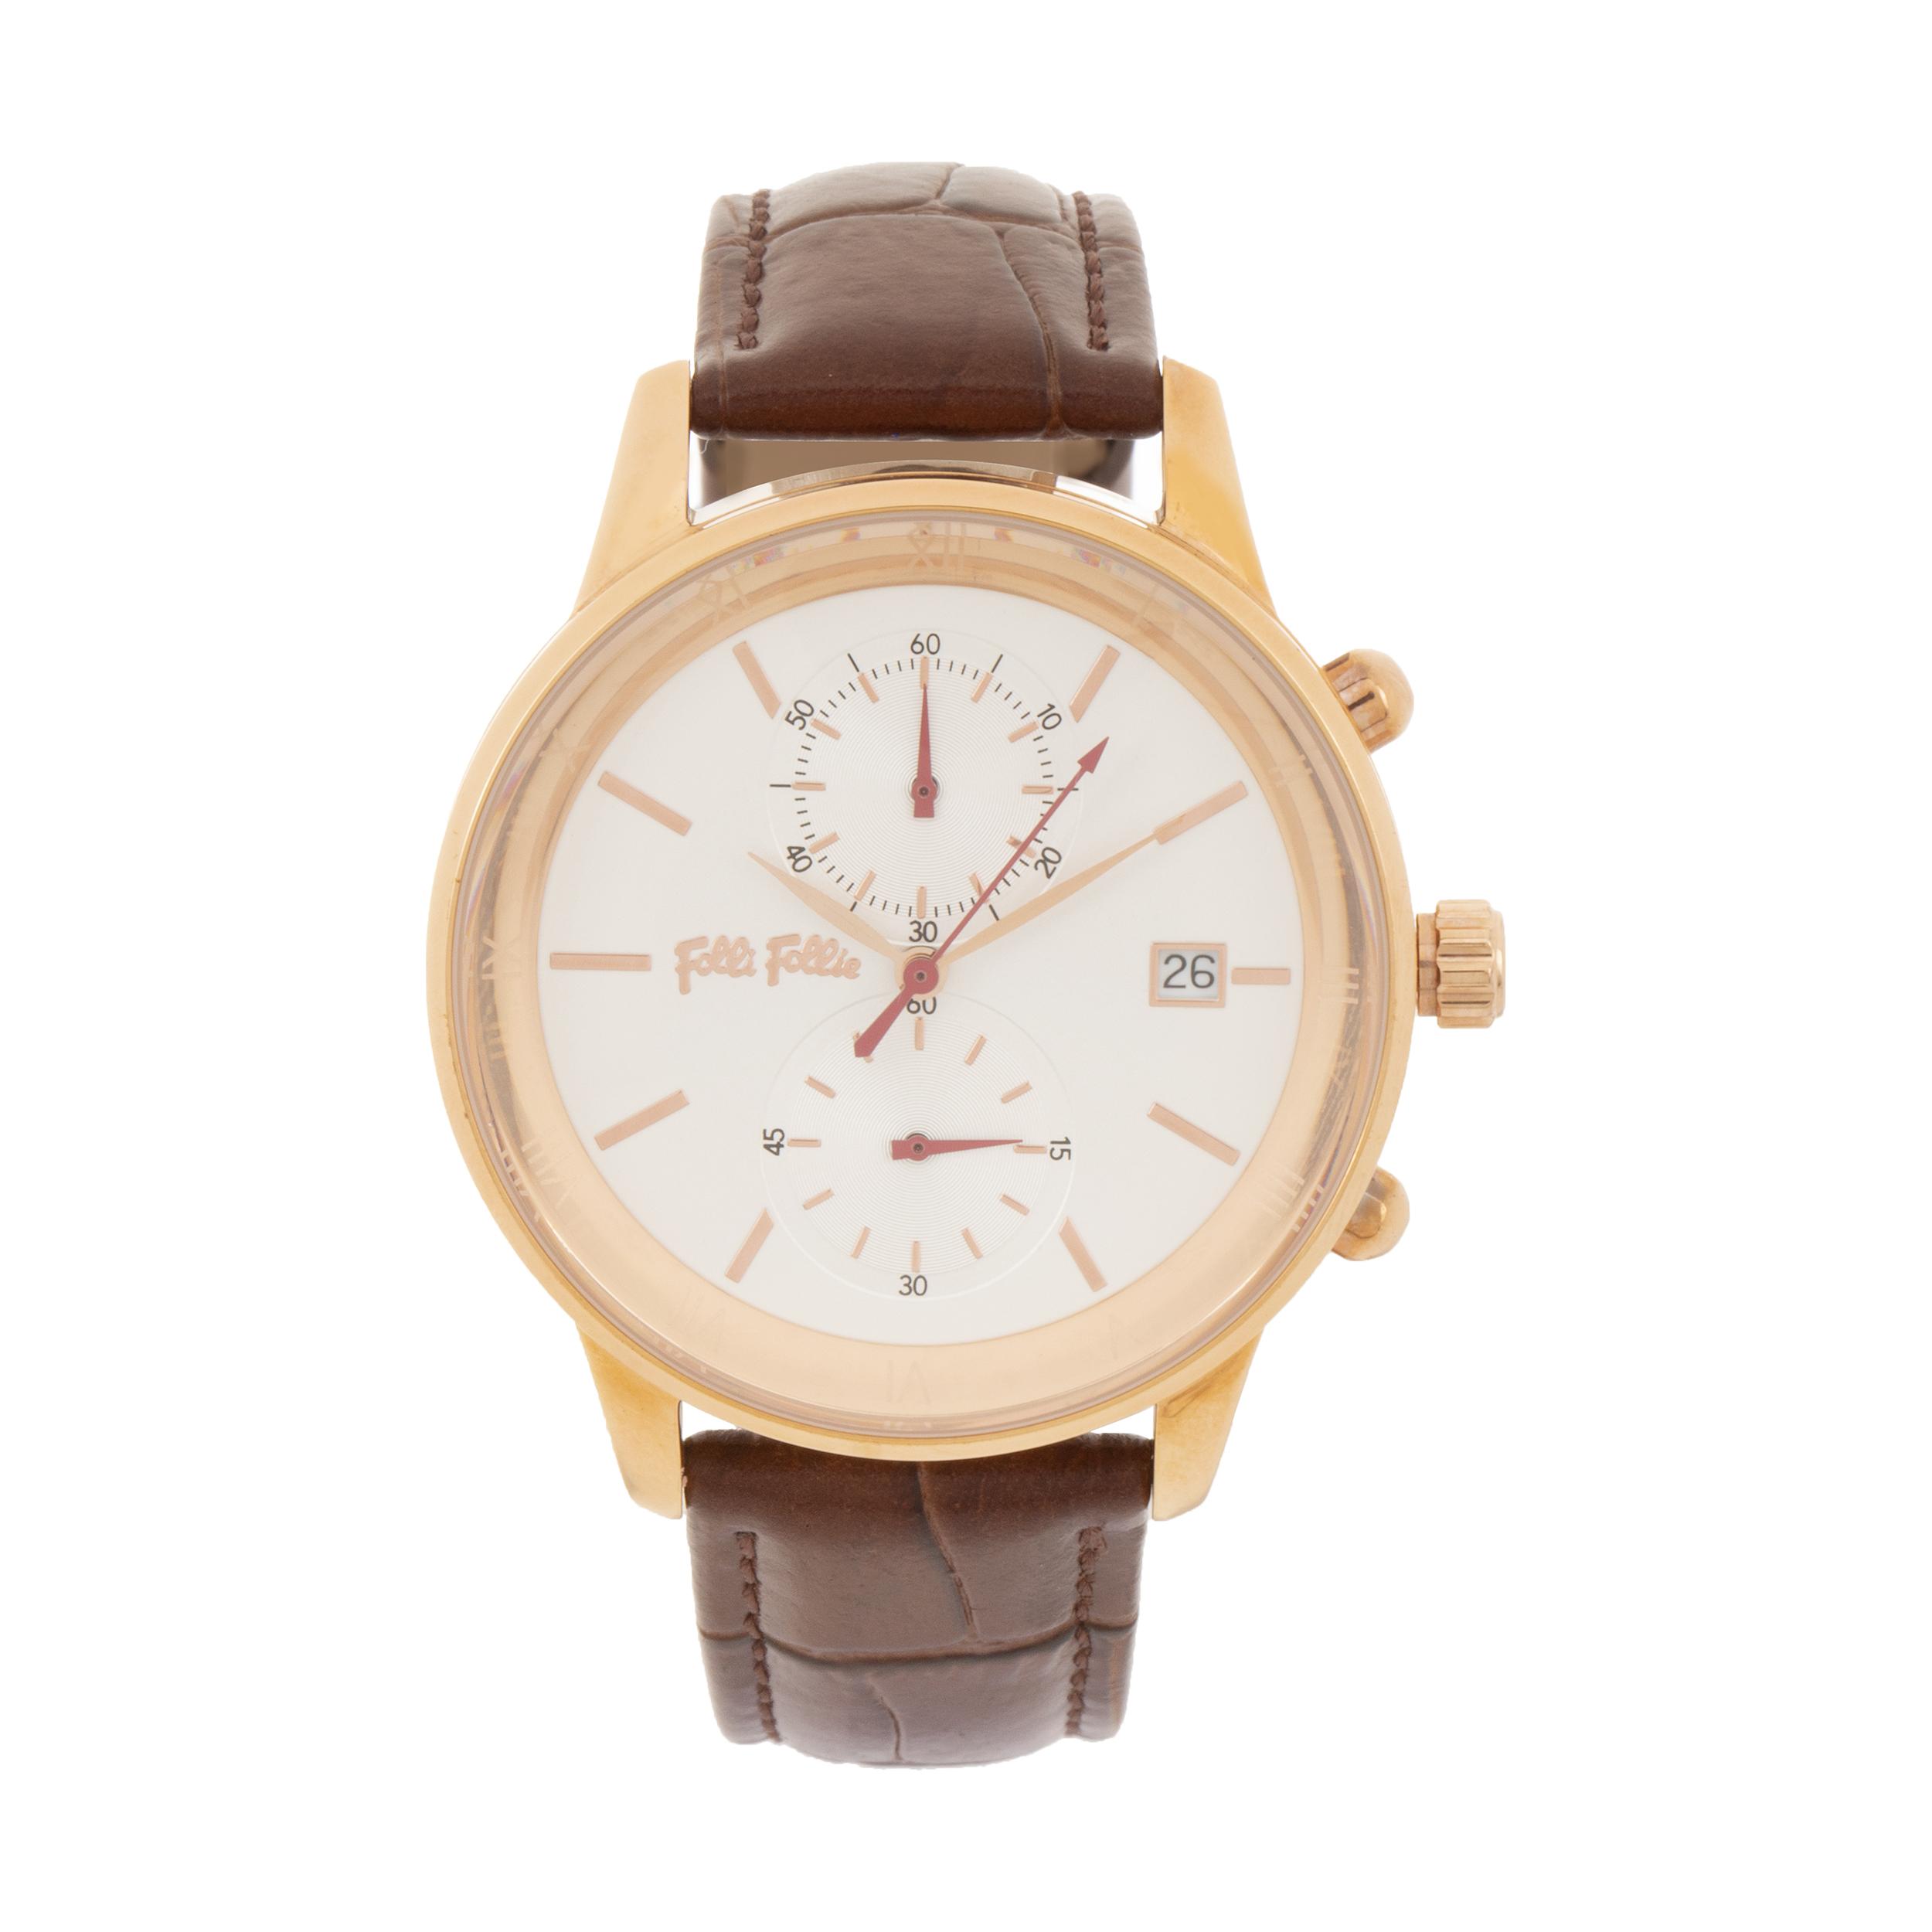 ساعت مچی عقربه ای زنانه فولی فولیه مدل WF18R005SEZ-BR (بدون جعبه اورجینال)              خرید (⭐️⭐️⭐️)